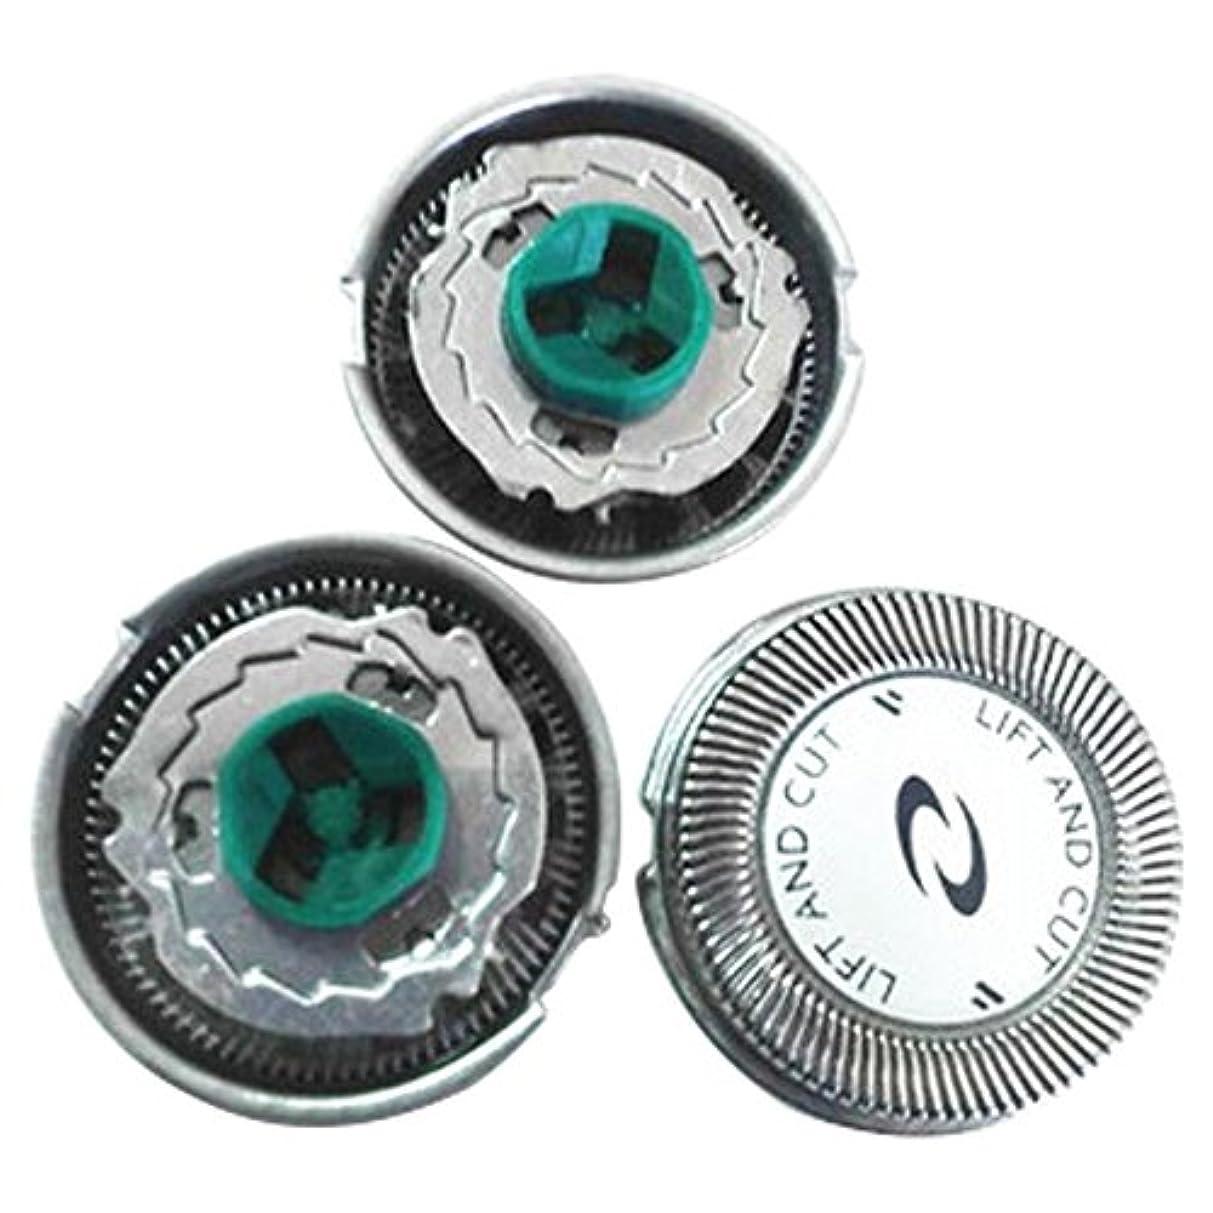 ドアミラー次貨物Hzjundasi 置換 シェーバー かみそり 頭 刃 for Philips HQ7310 PT720 PT725 HQ7140 HQ7390